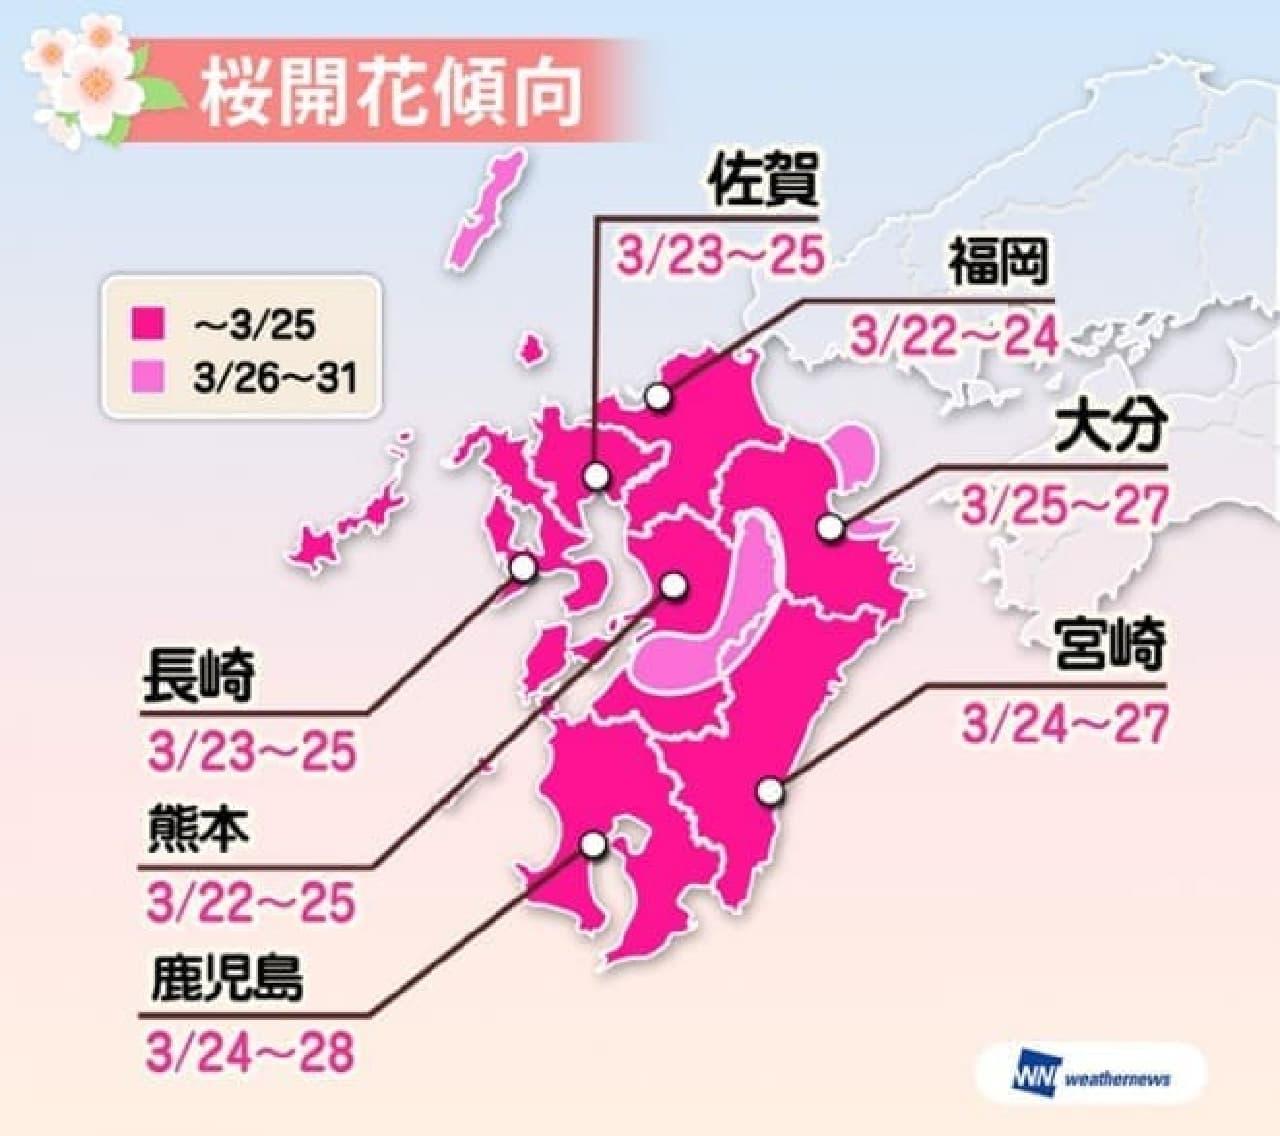 ウェザーニューズが2017年桜開花傾向を発表